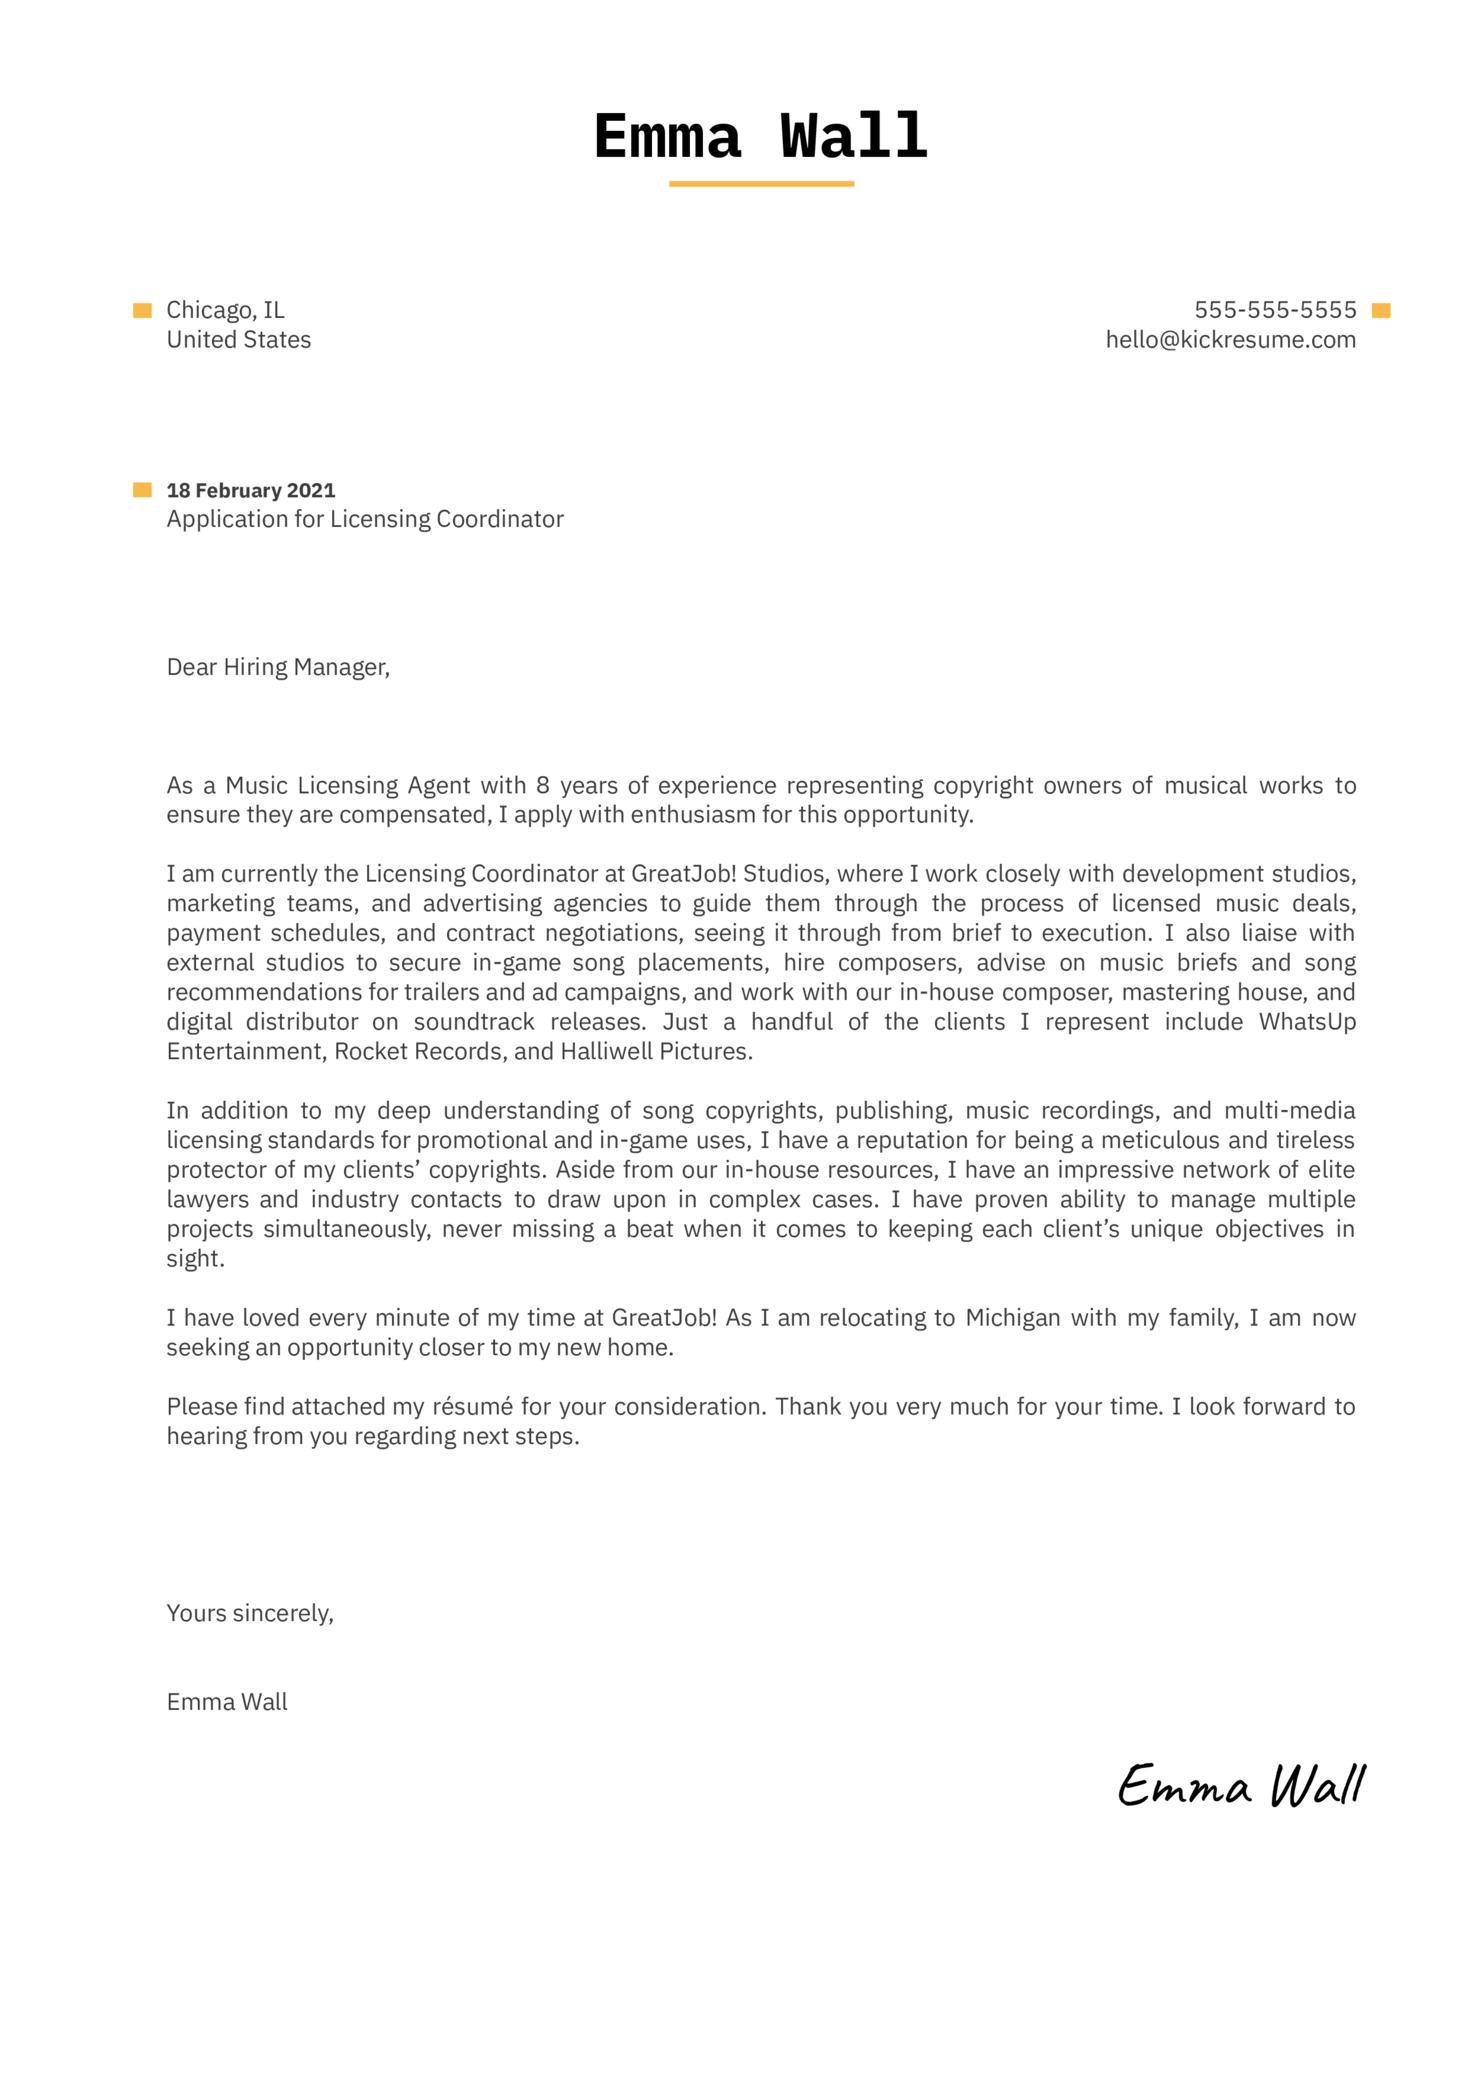 Licensing Coordinator Cover Letter Sample